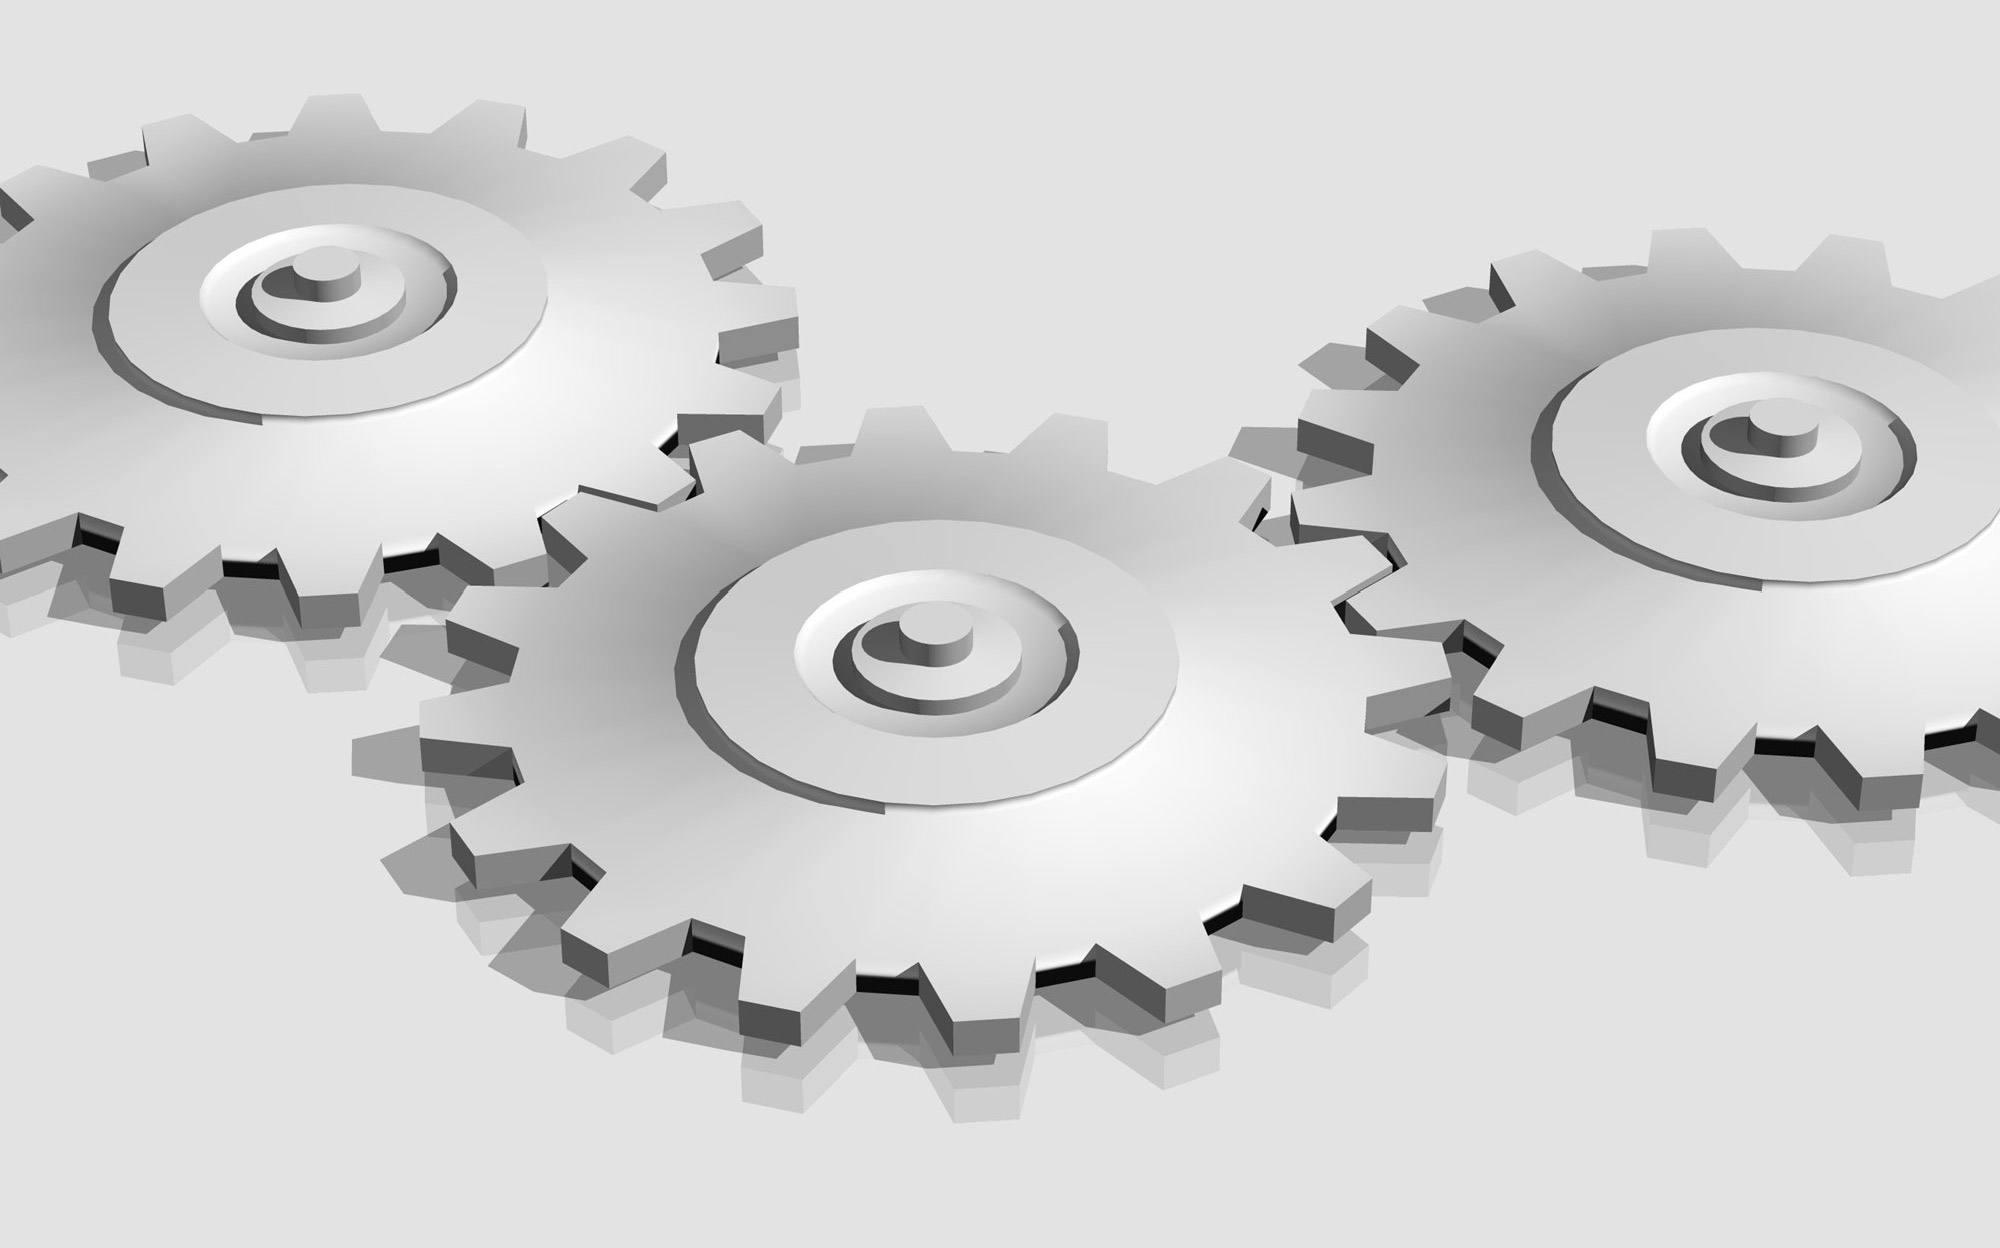 机械毕业设计代做,机械设计毕业设计代做(详解内幕)